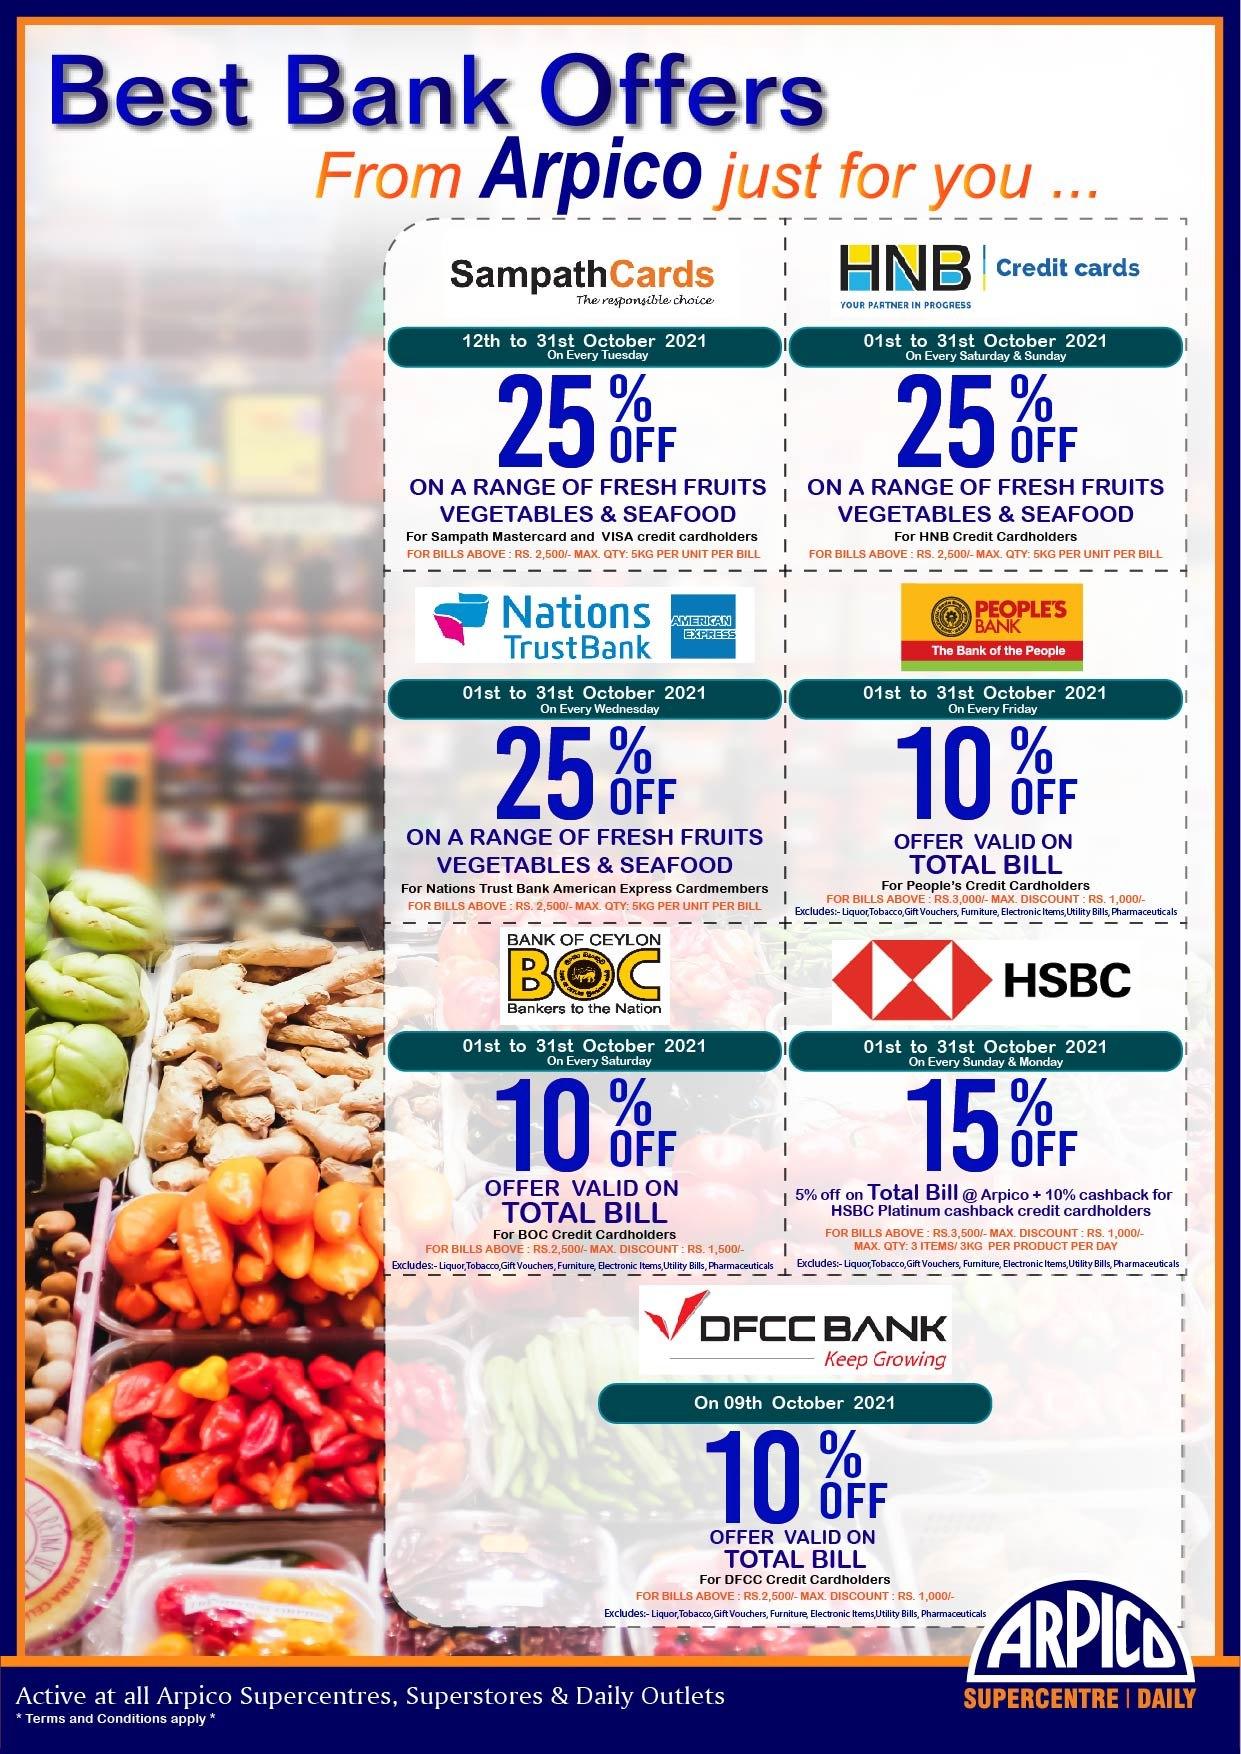 Arpico Supercentre Bank Promotion